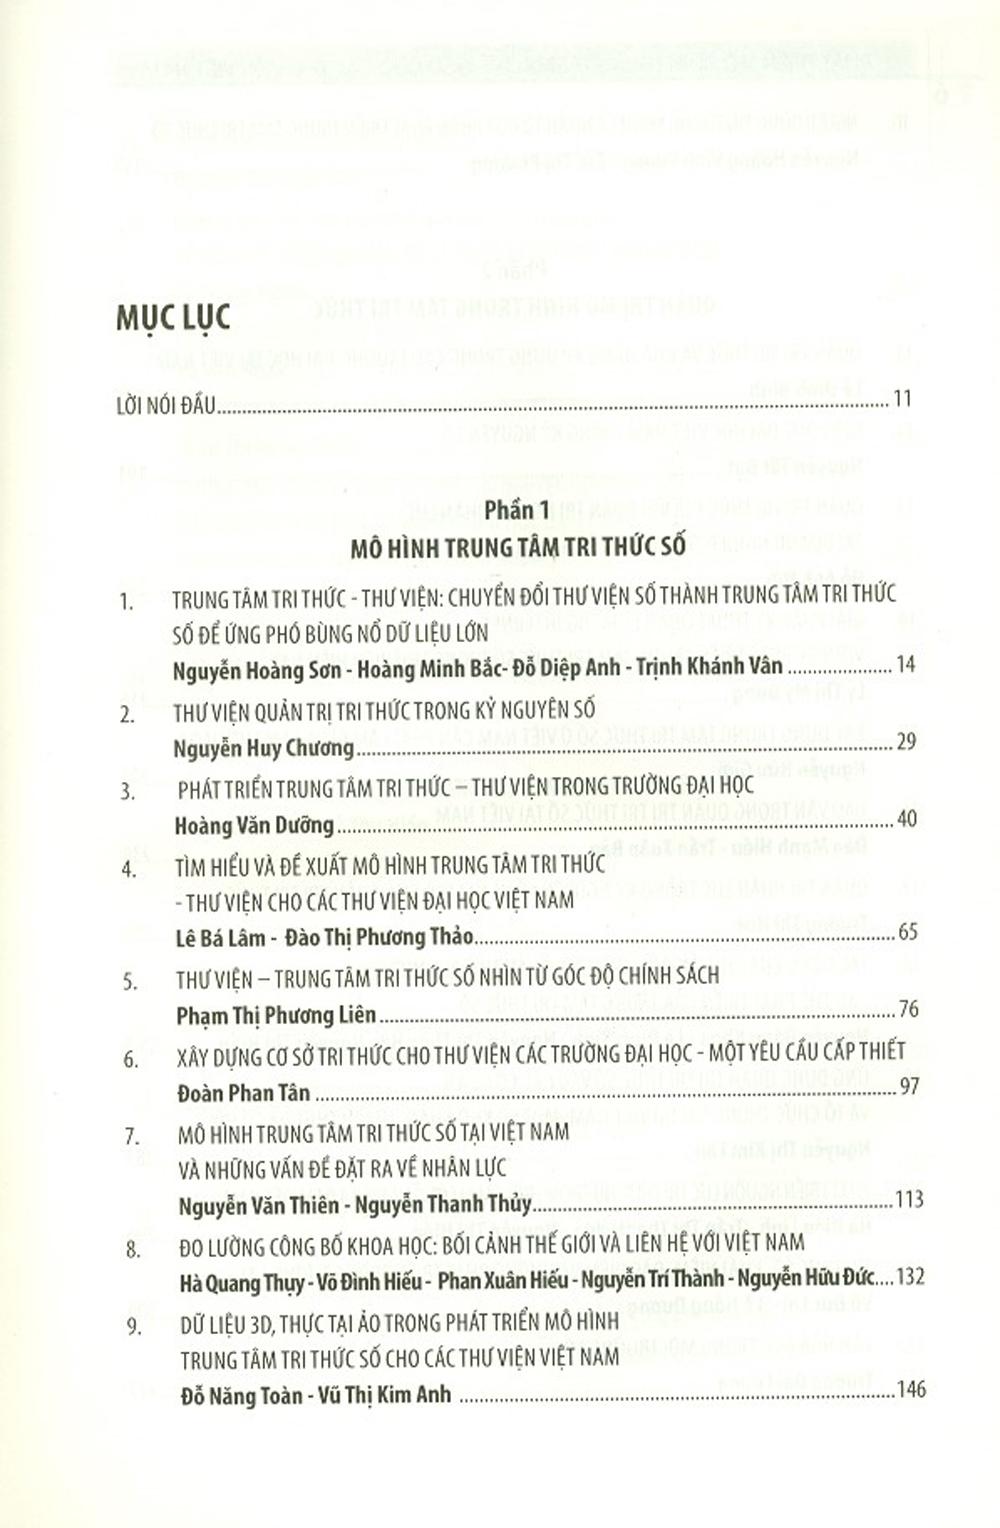 Phát Triển Mô Hình Trung Tâm Tri Thức Số Cho Các Thư Viện Việt Nam